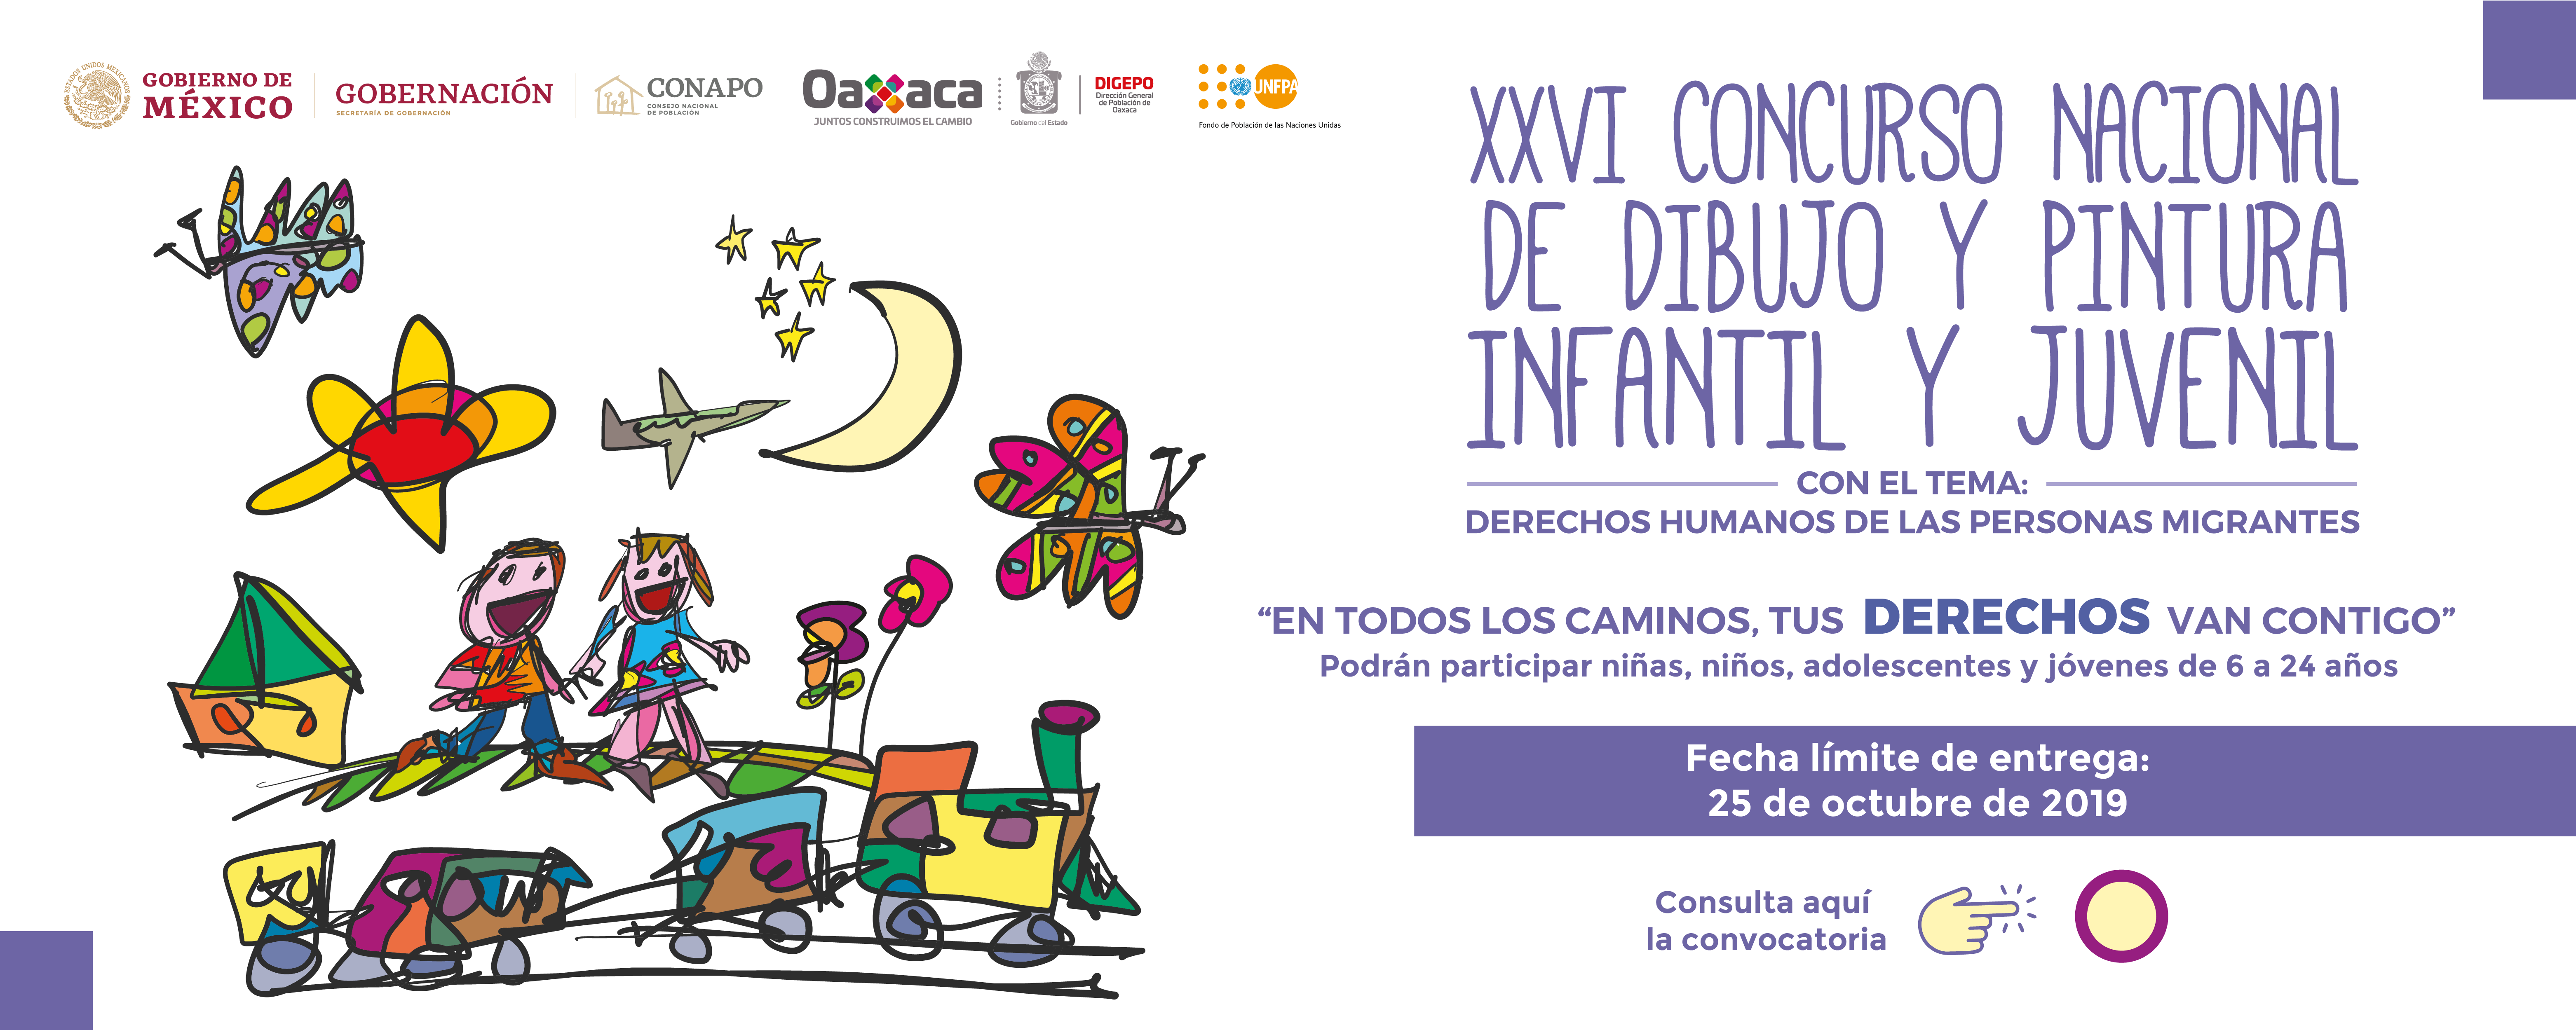 XXVI CONCURSO NACIONAL DE DIBUJO Y PINTURA INFANTIL Y JUVENIL